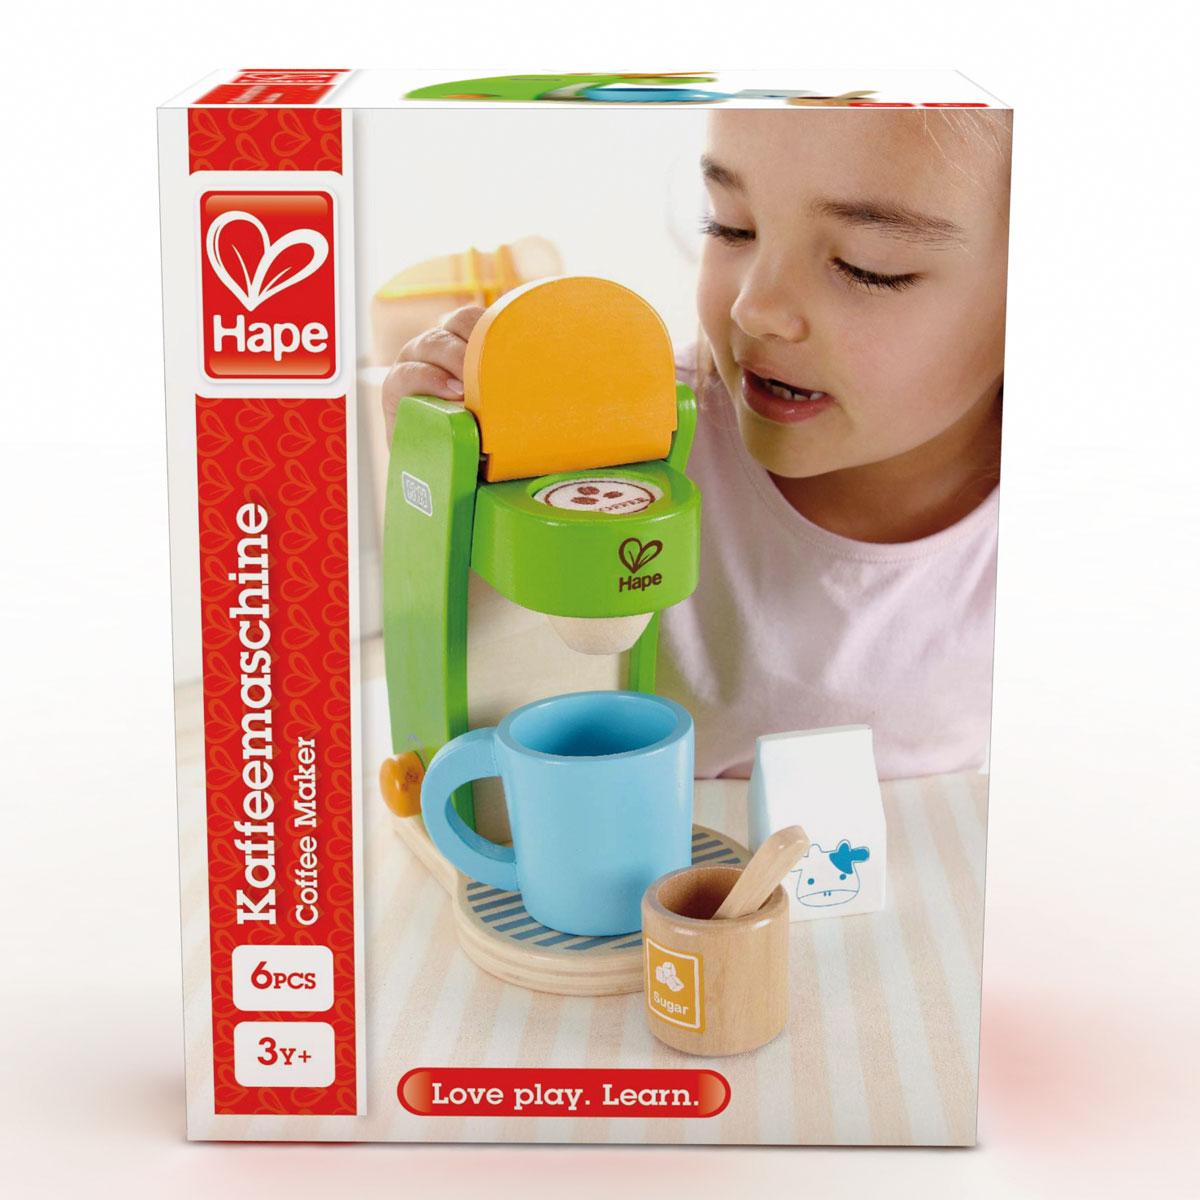 hape kaffeemaschine e3106 für die spielküche | pirum-holzspielzeuge